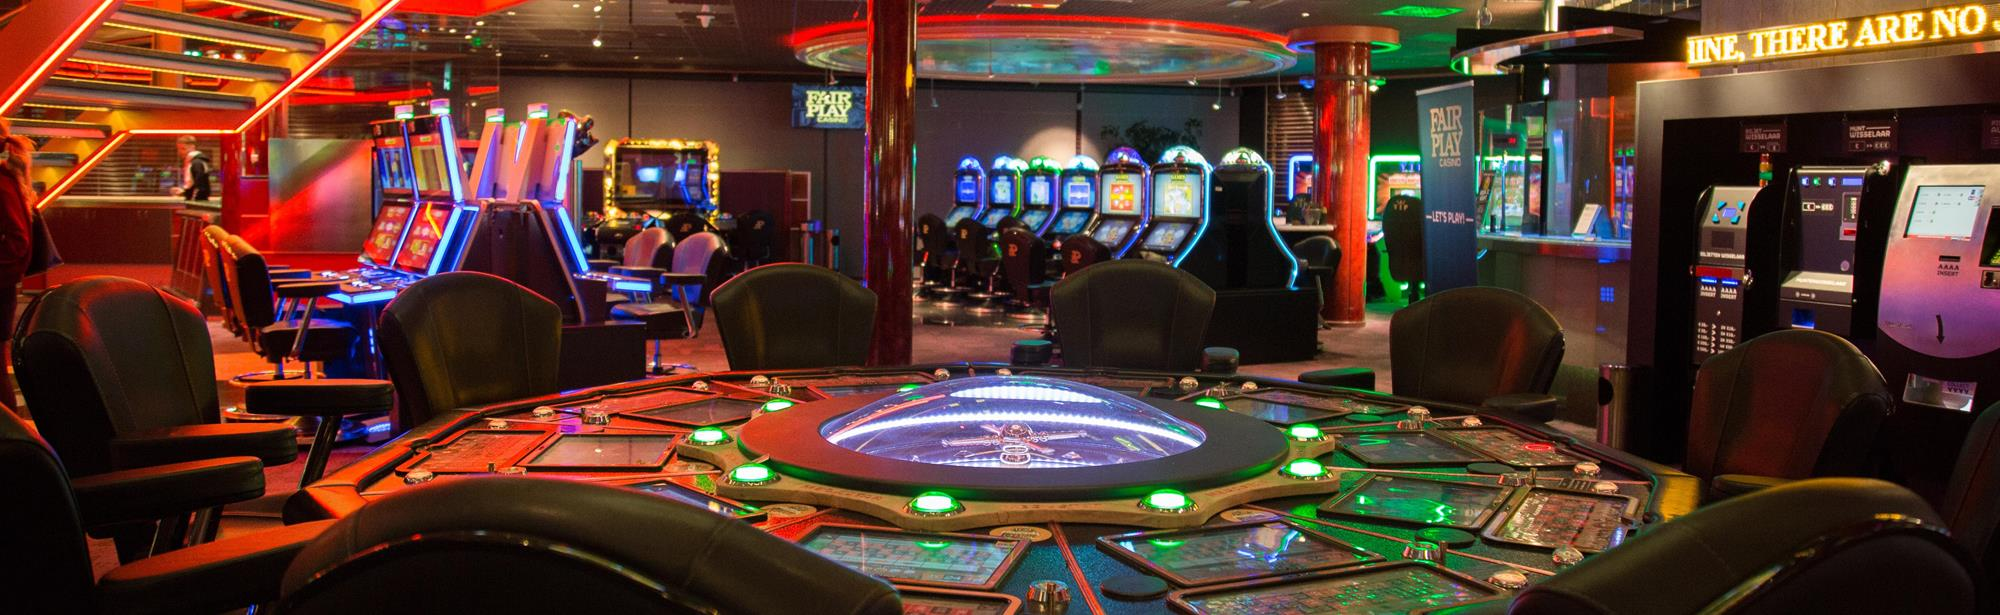 Fair Play Casino Kerkrade Stadion